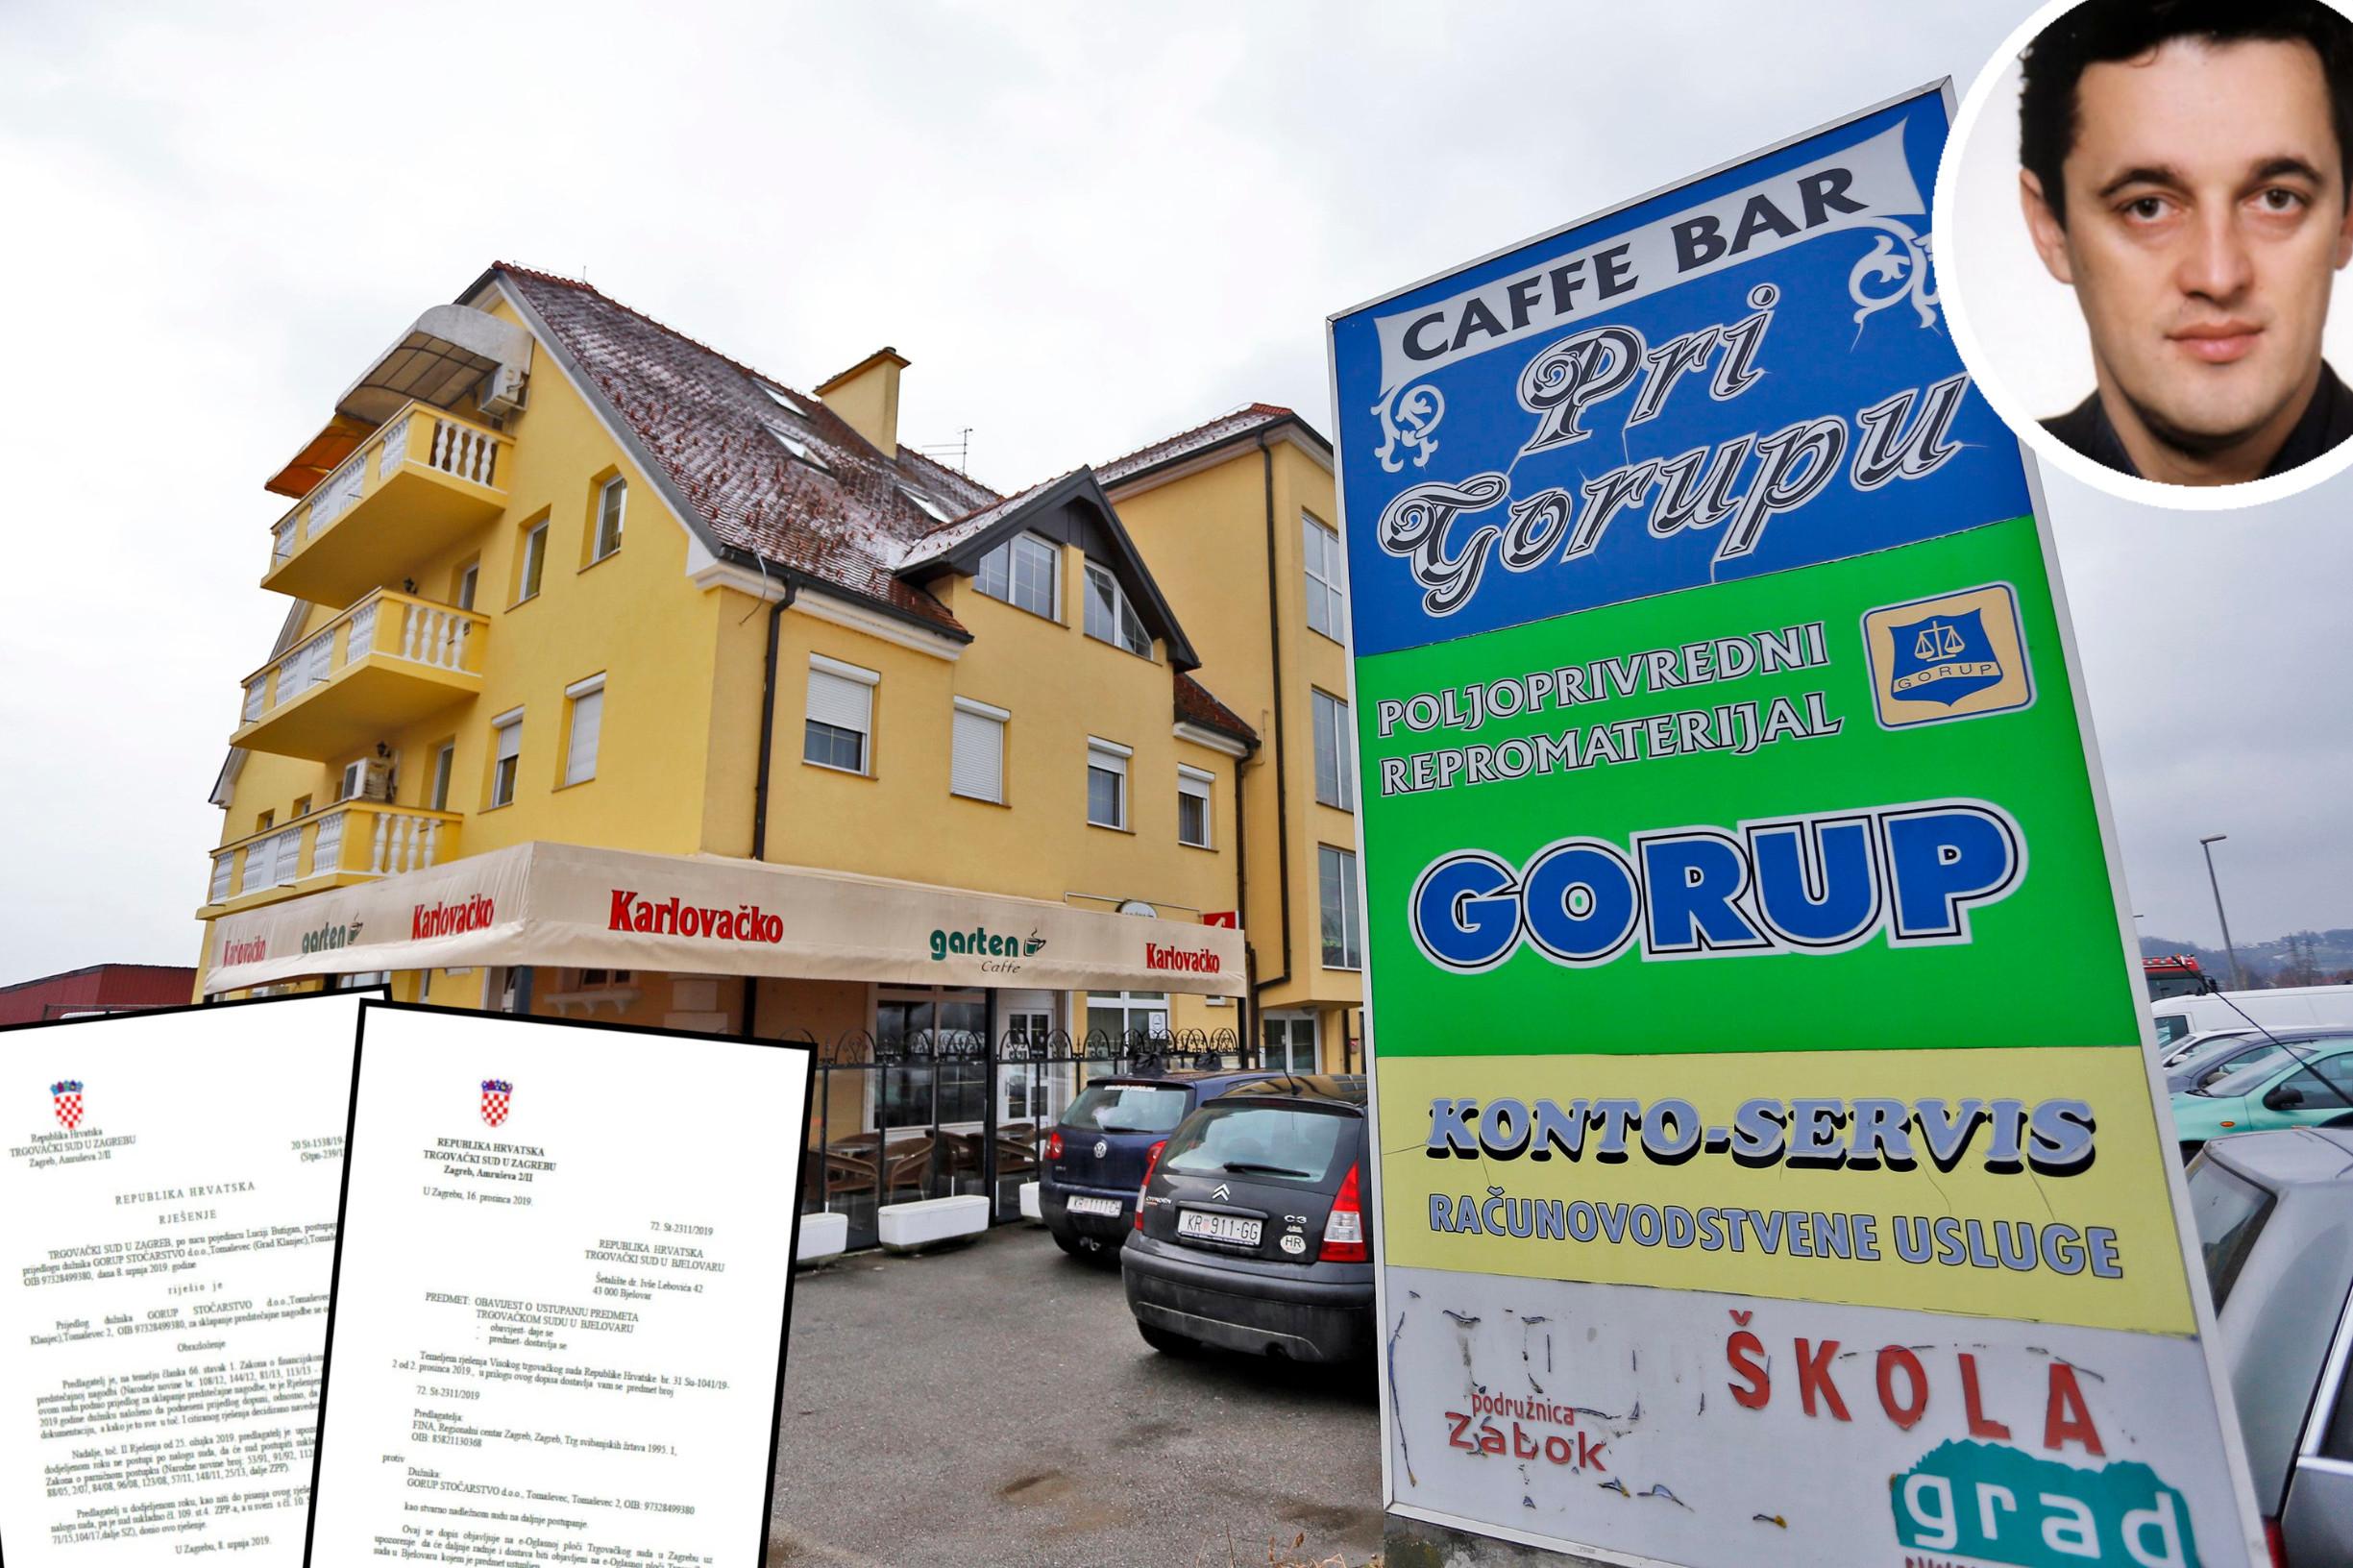 Zgrada u vlasništvu Božidara Gorupa, rješenje Trgovačkog suda i Božidar Gorup u krugu